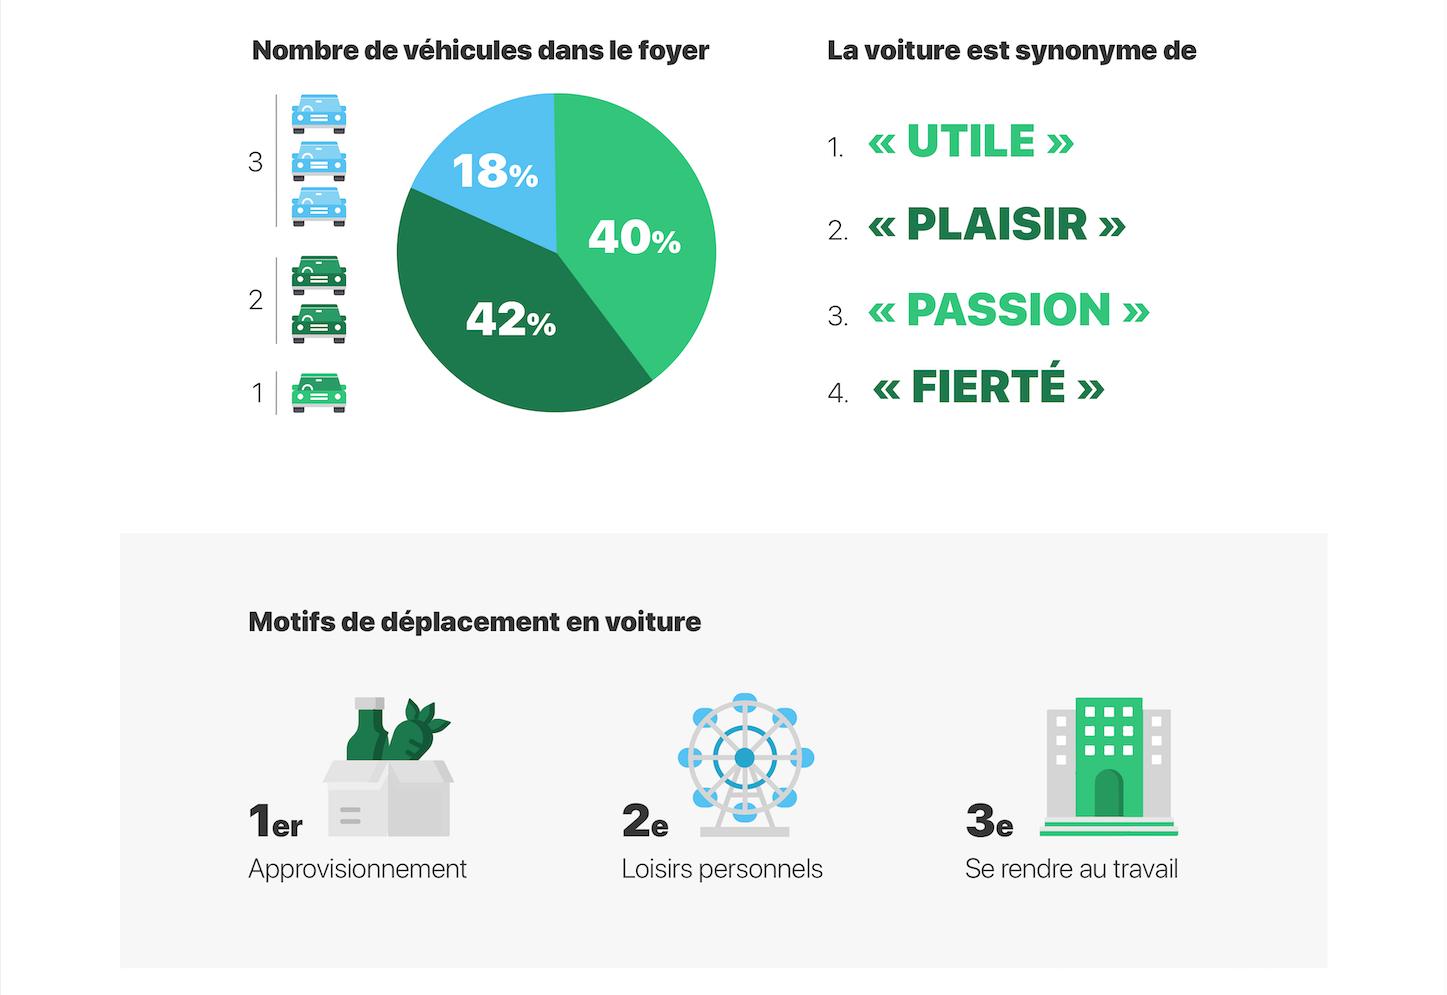 eiver infographie 2020 image 4 - Vos habitudes de conduite et votre vision de l'automobile de demain, en images.